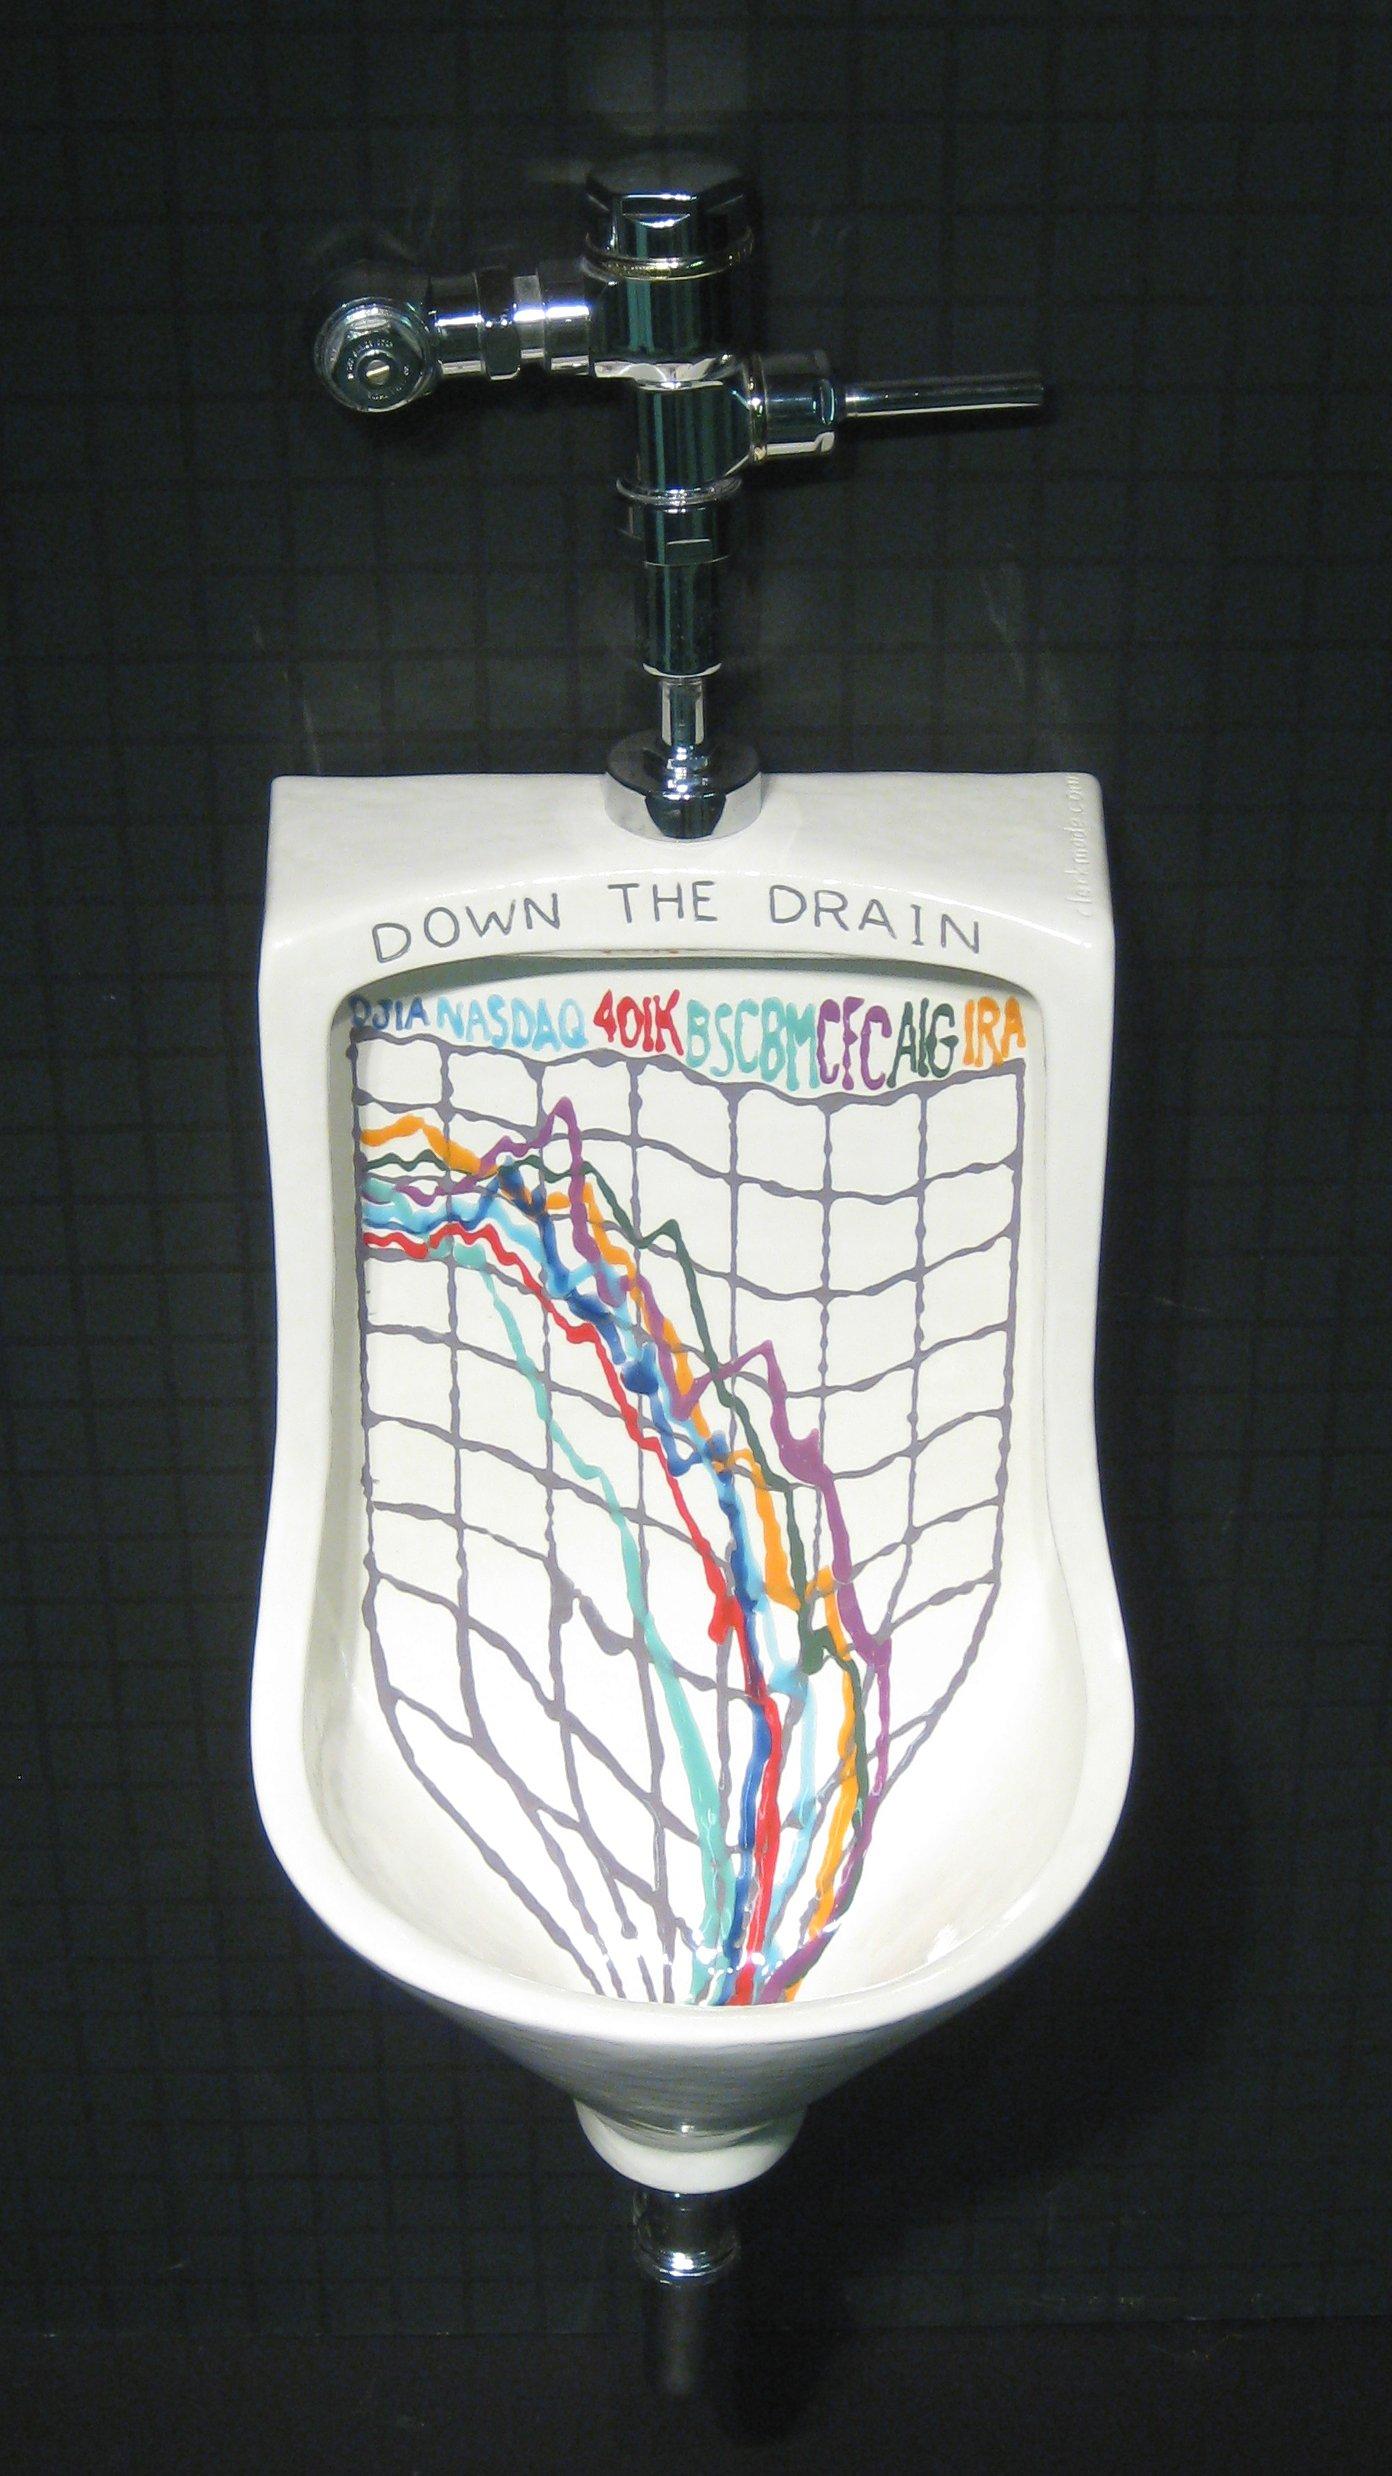 toilettesdesign.jpg